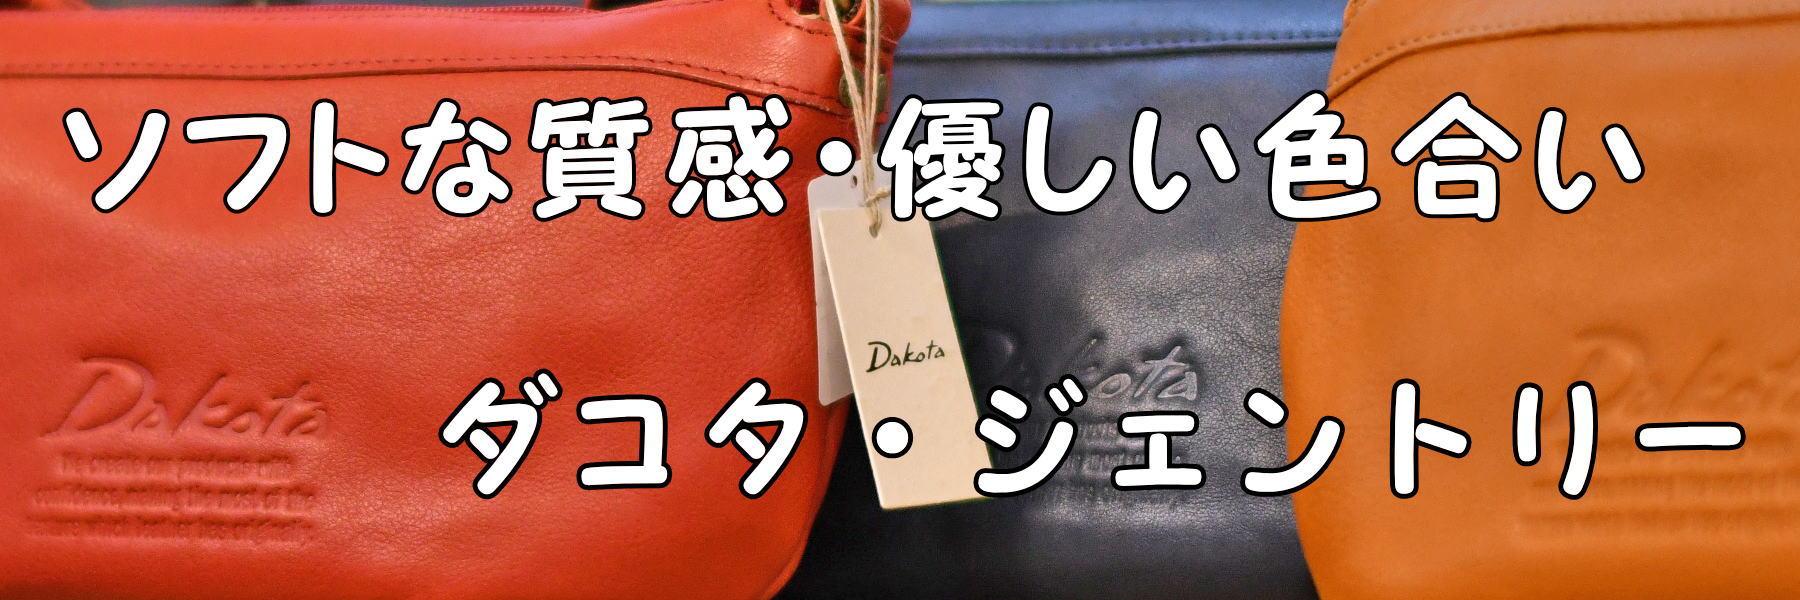 ダコタ/ジェントリー